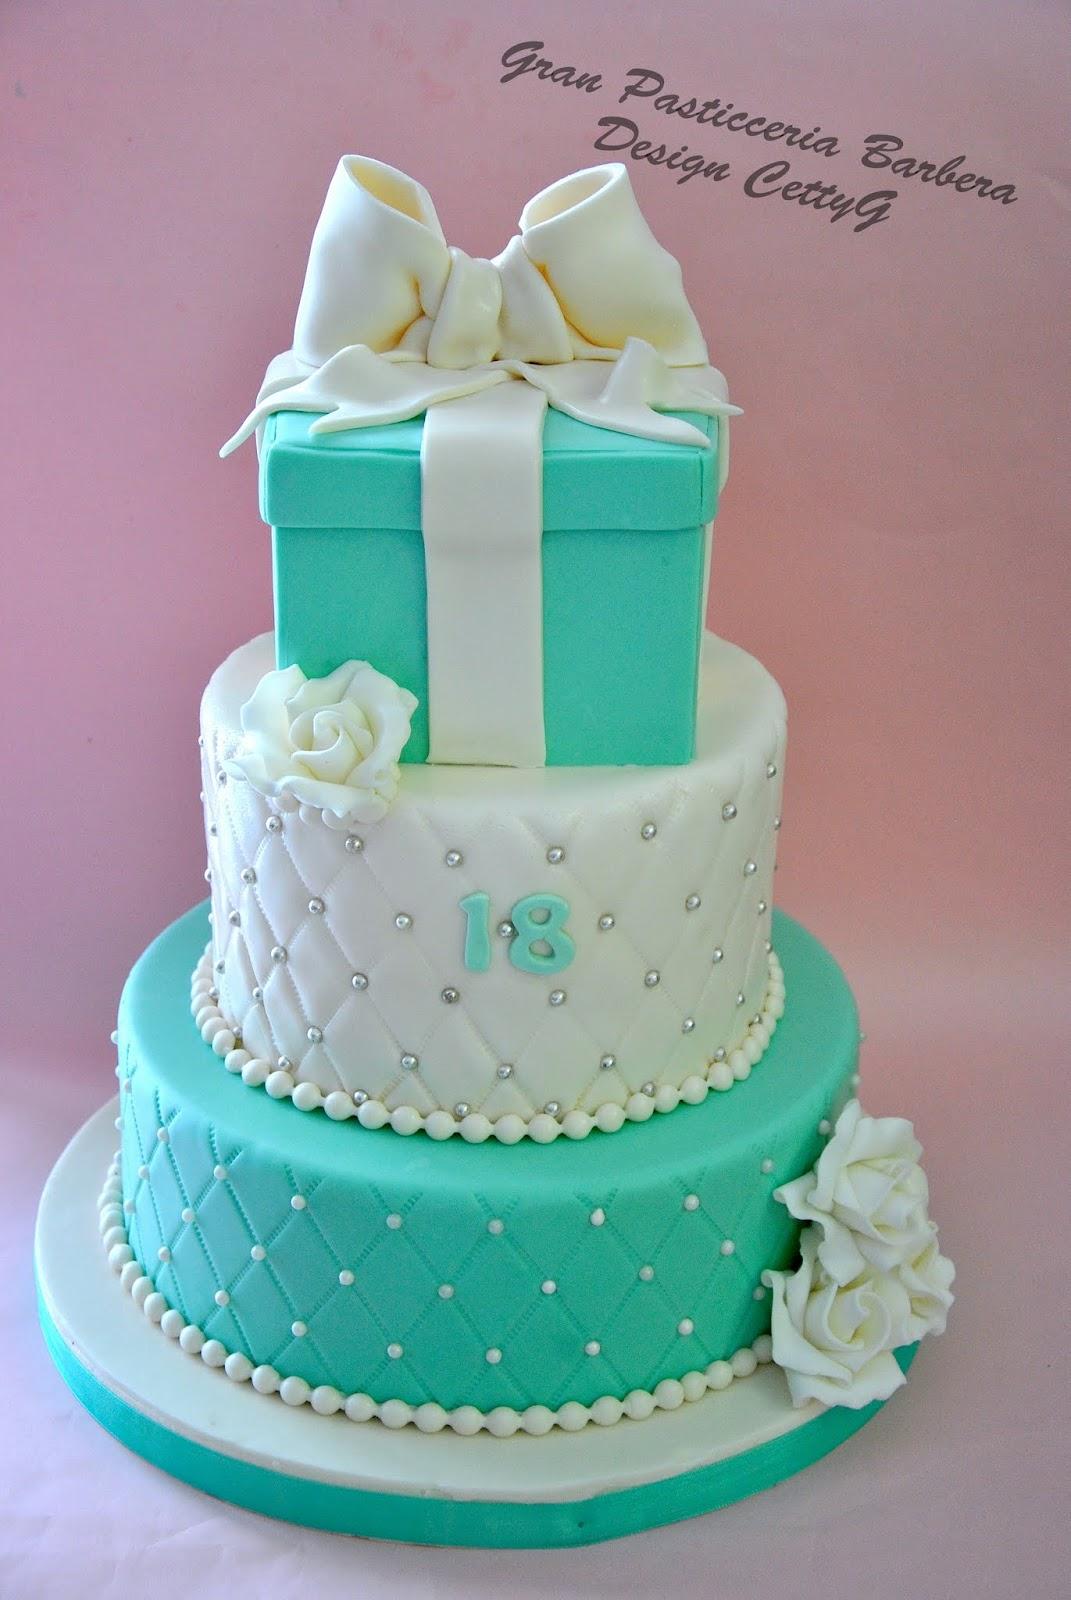 Le torte decorate di cetty g 18 compleanno in stile tiffany for Torte per 18 anni maschile